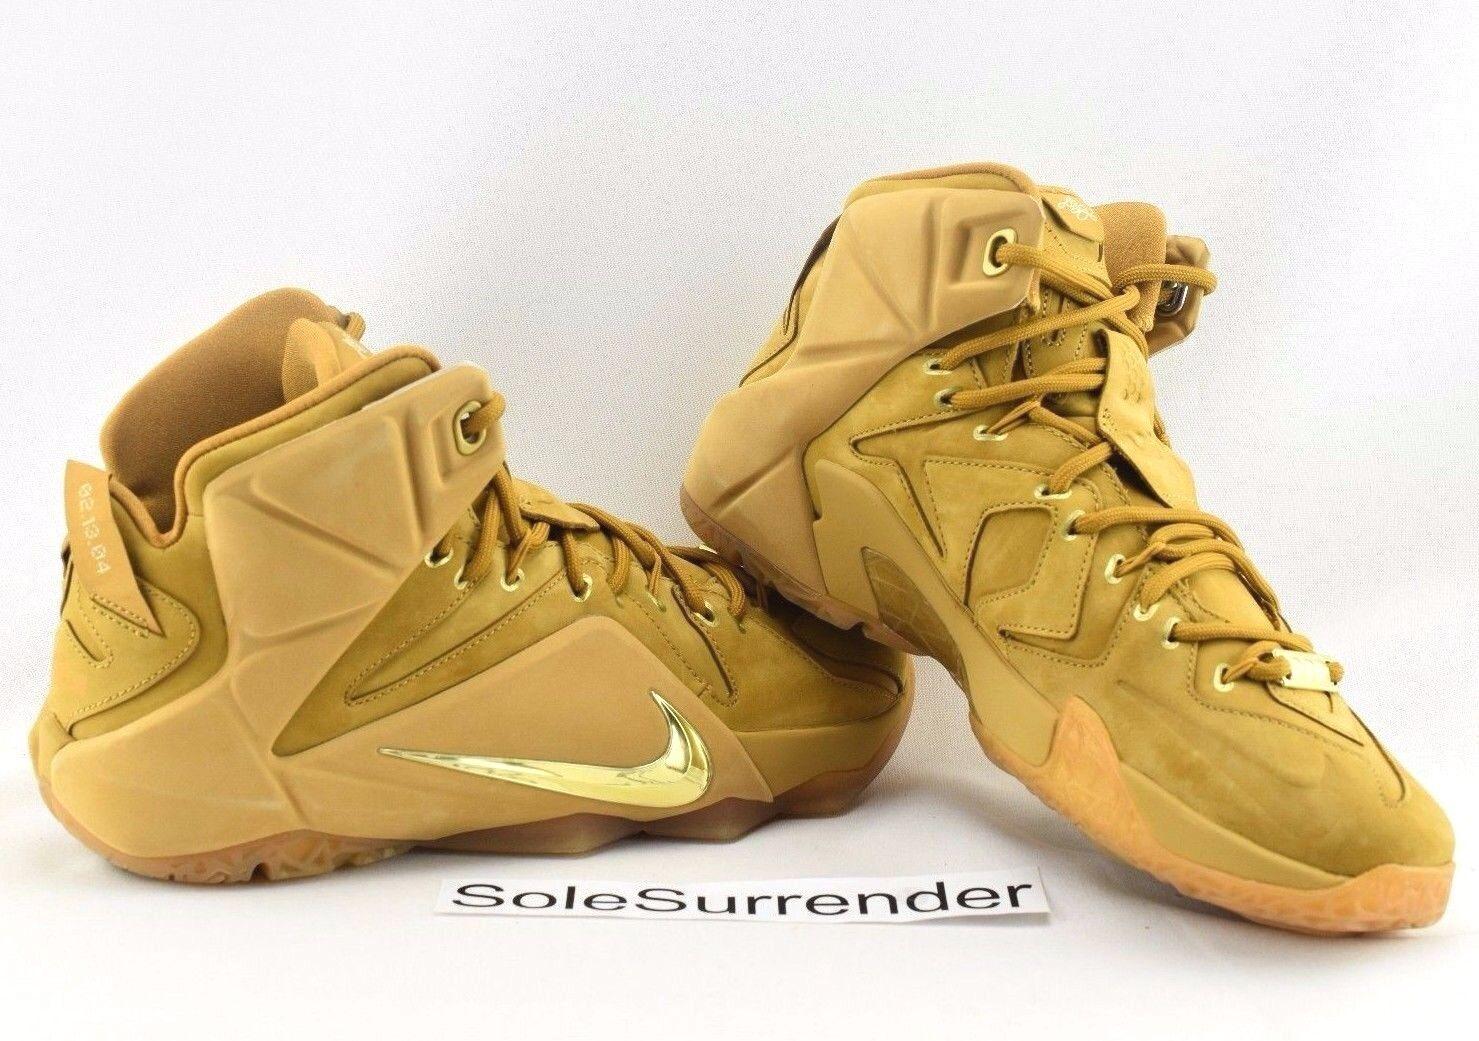 Nike lebron xii ext qs - scegliere taglia - 744287-700 grano oro brown 12 tan cork